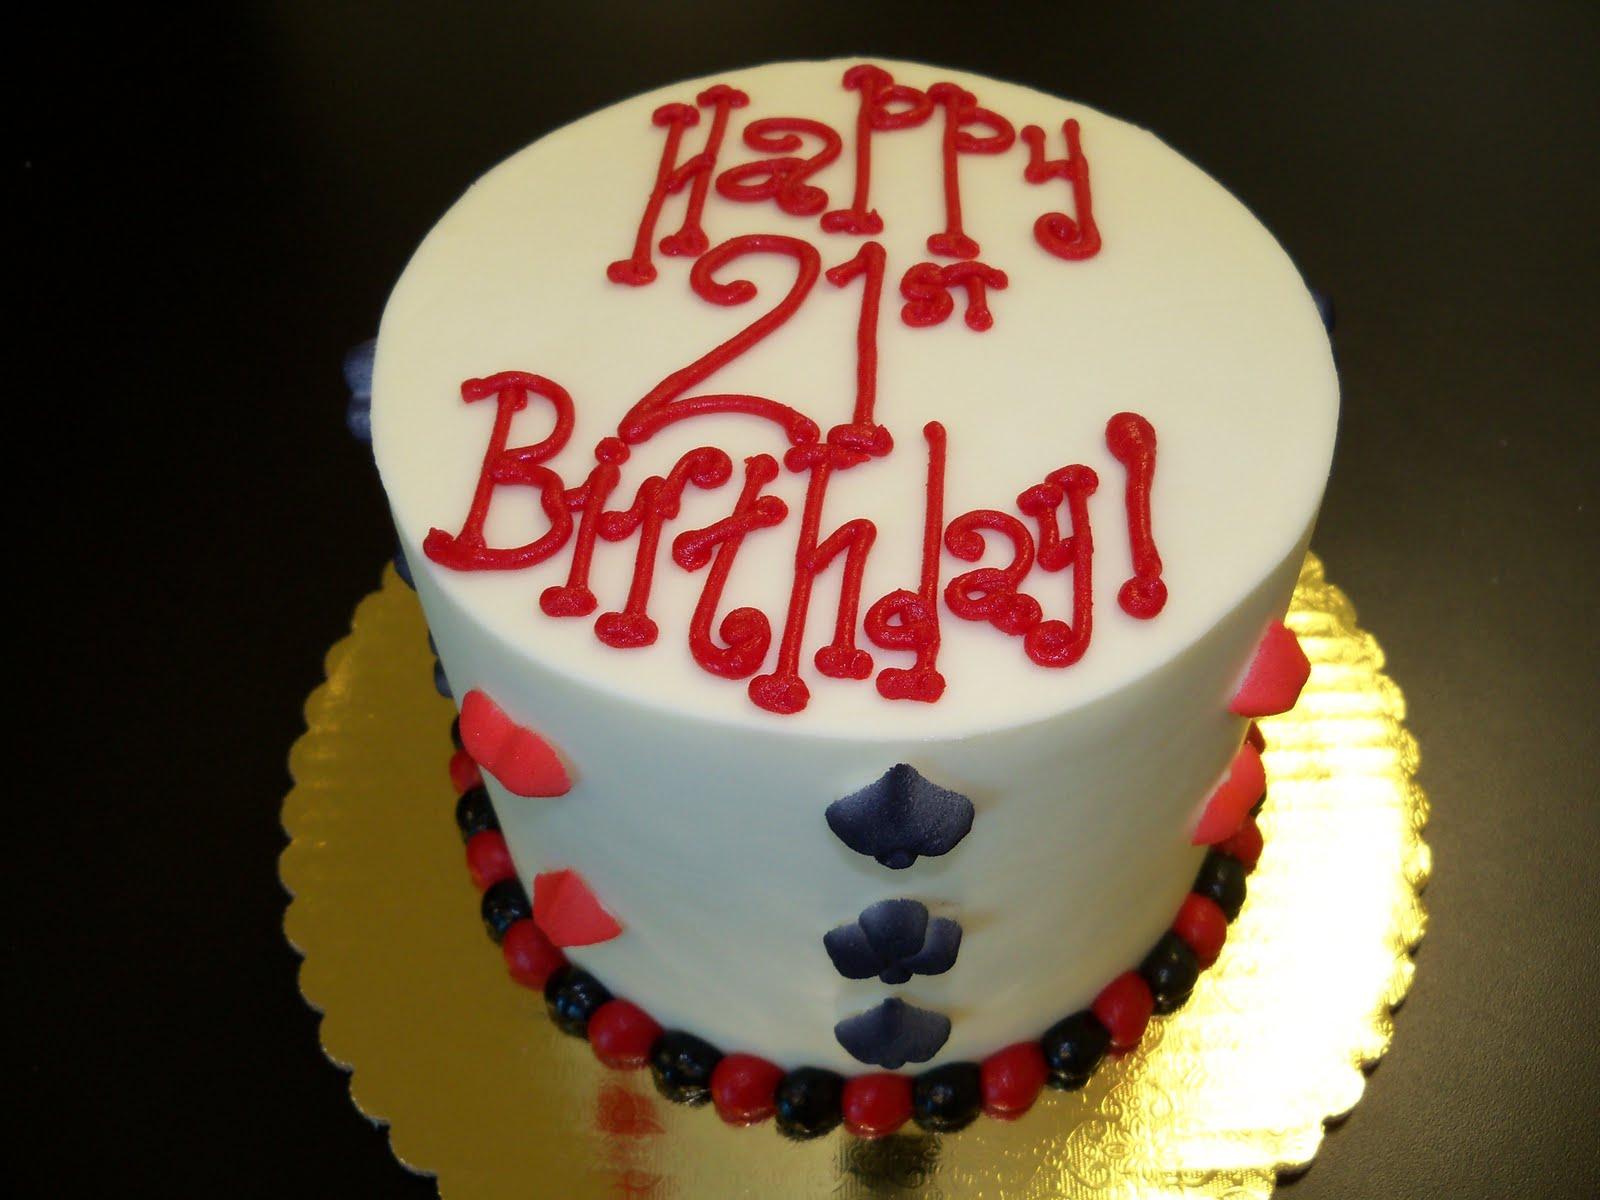 Terrific Birthday Cake Designs For 21 Year Old Boy Yummimages Funny Birthday Cards Online Elaedamsfinfo